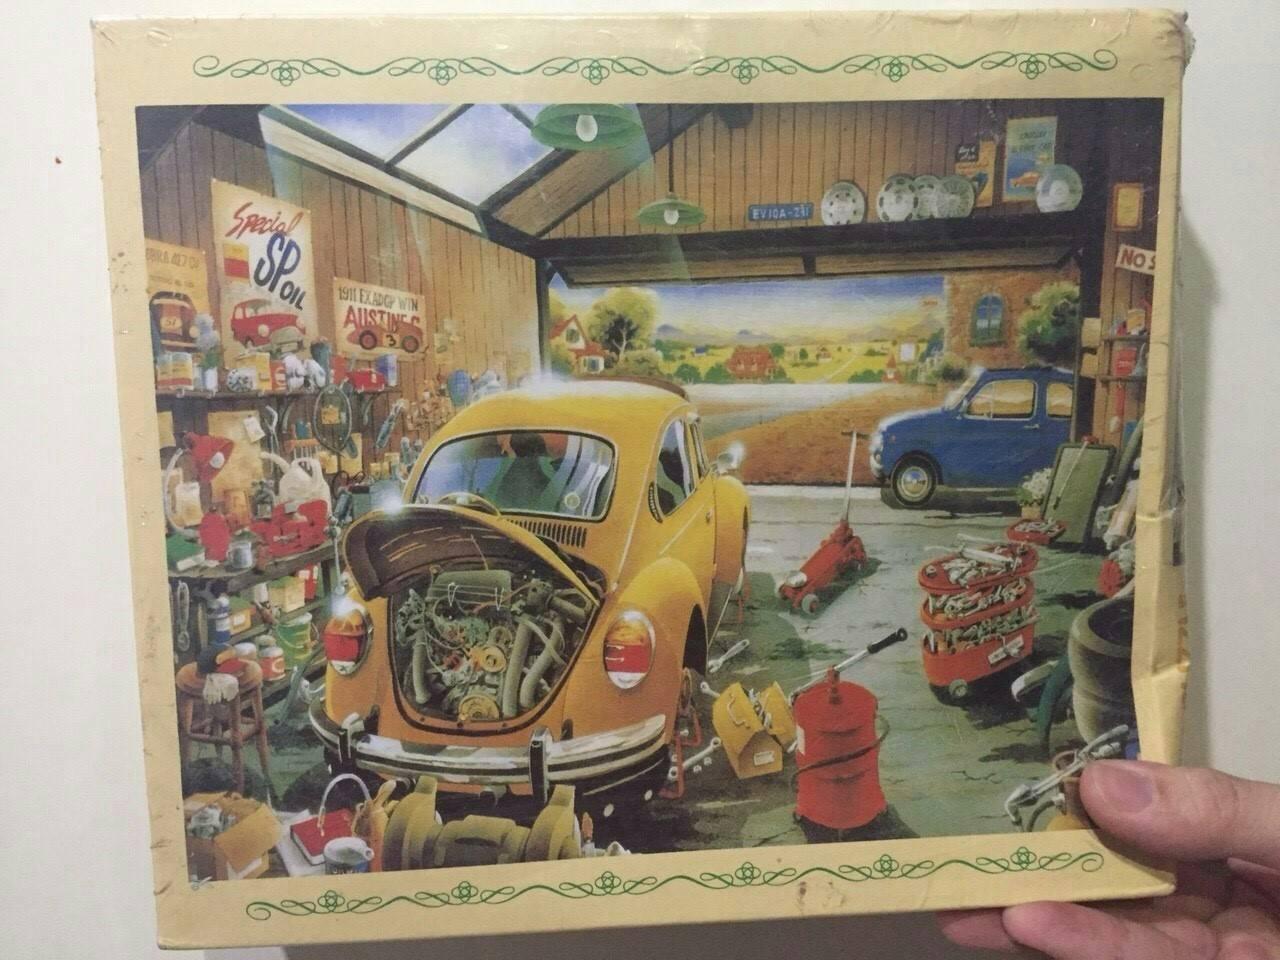 จิ๊กซอร์ 500 ชิ้น Numbering Jigsaw Puzzle 500 Pieces Size 53 x 38 cm.